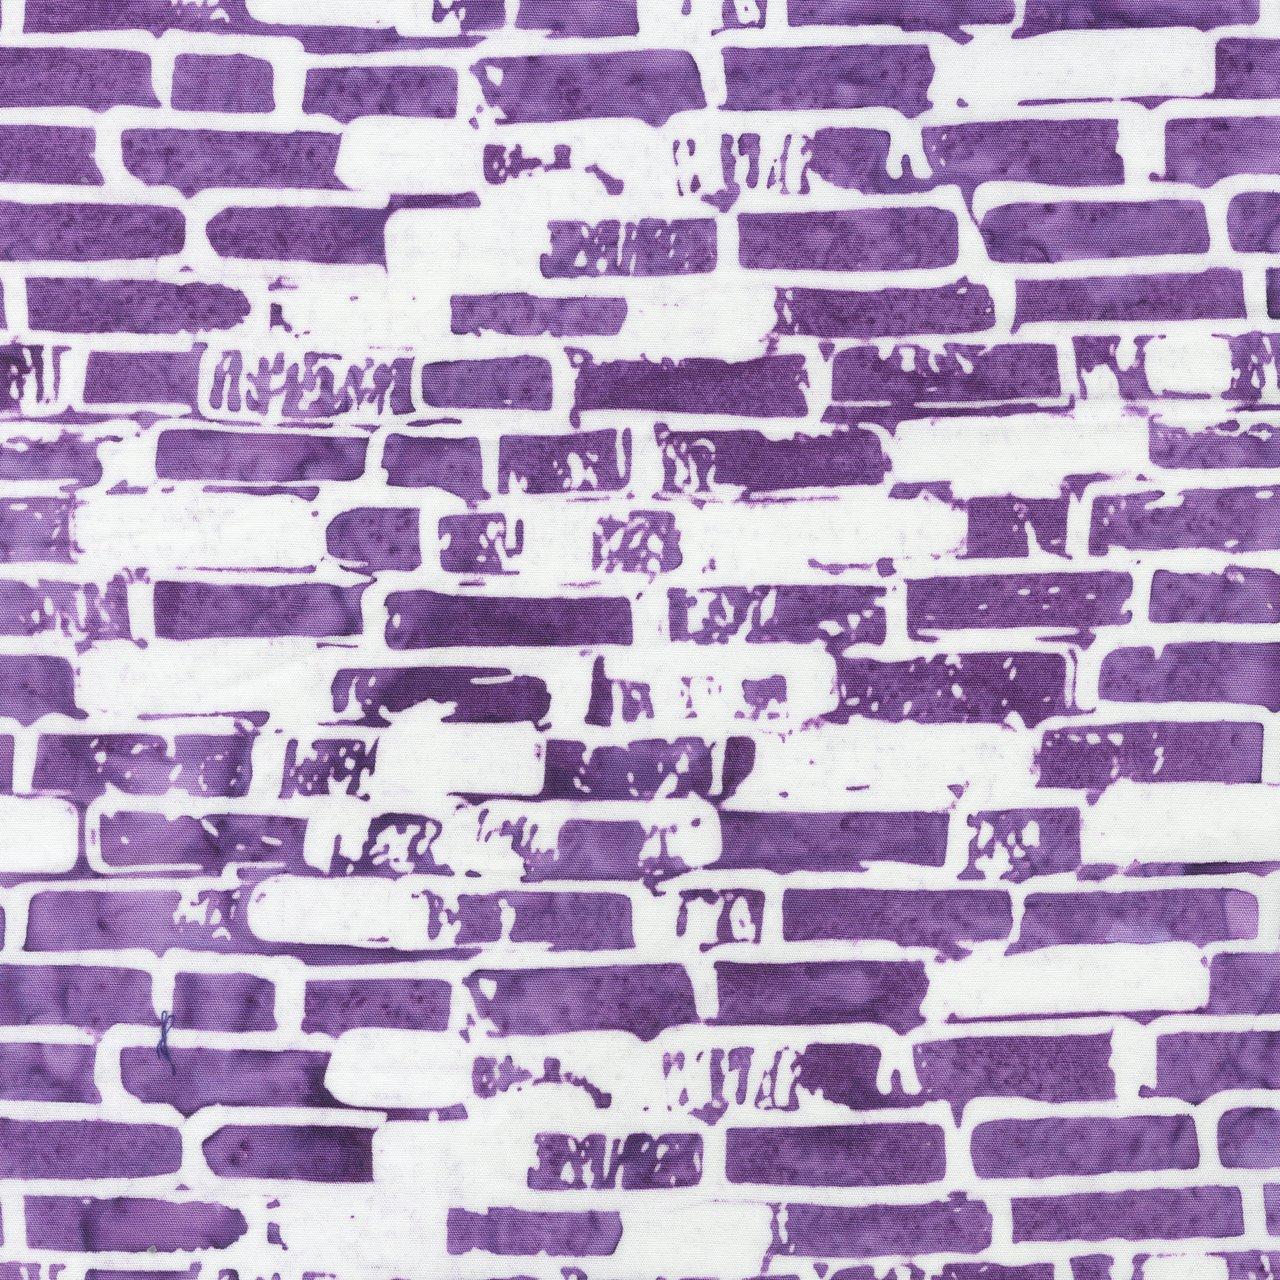 Brick Wall Solid